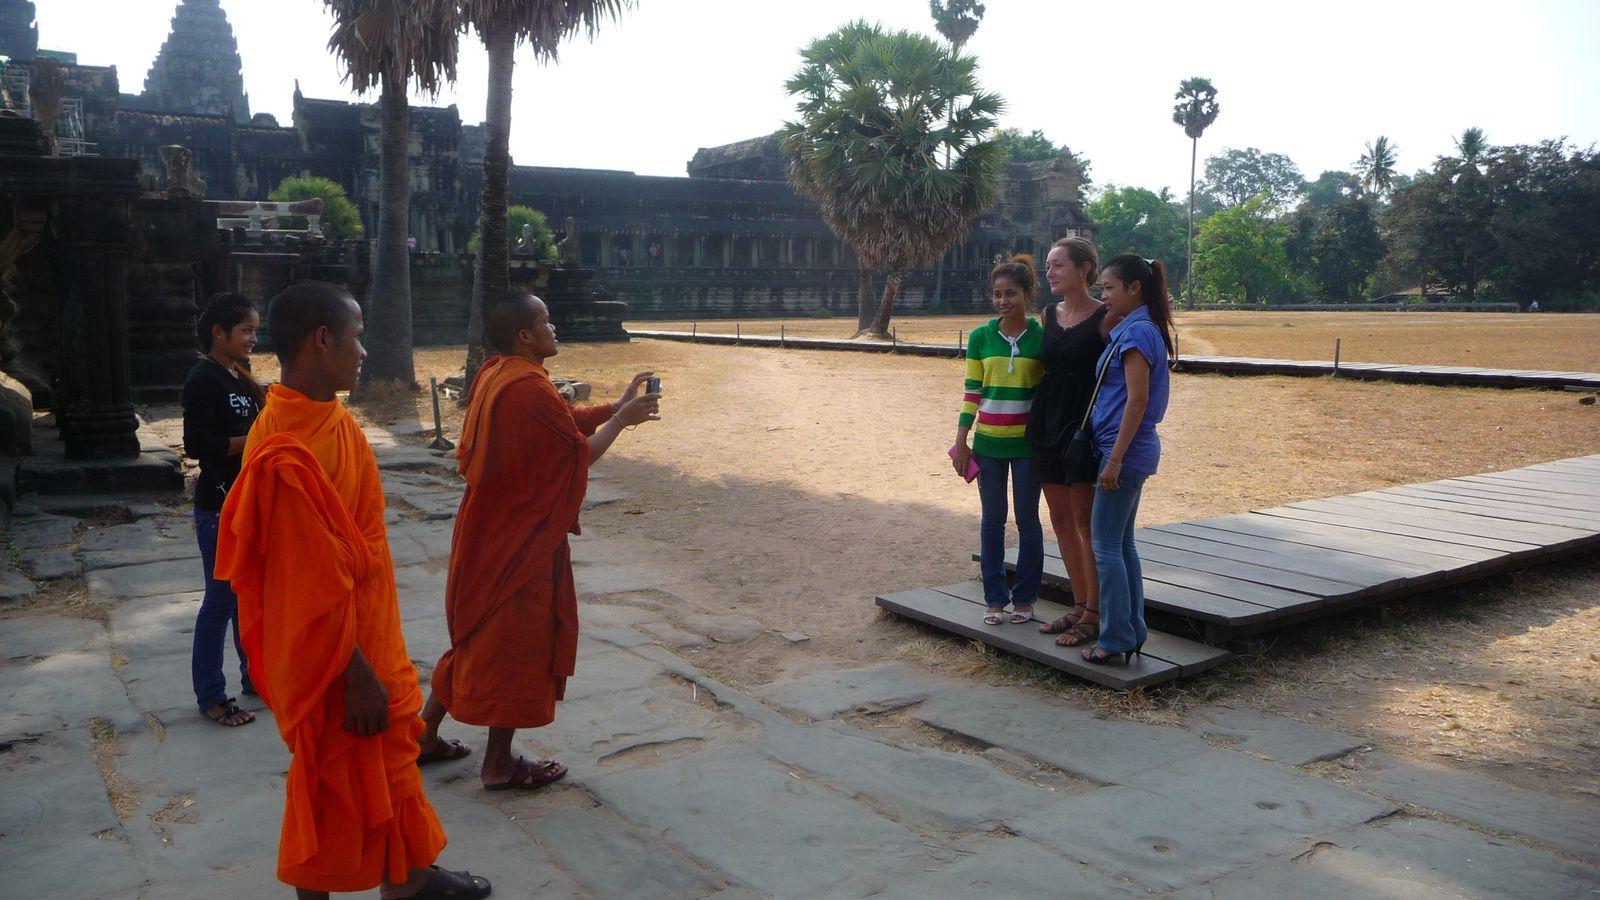 Les moines en visite, eux n'avaient pas l'air si offensés.